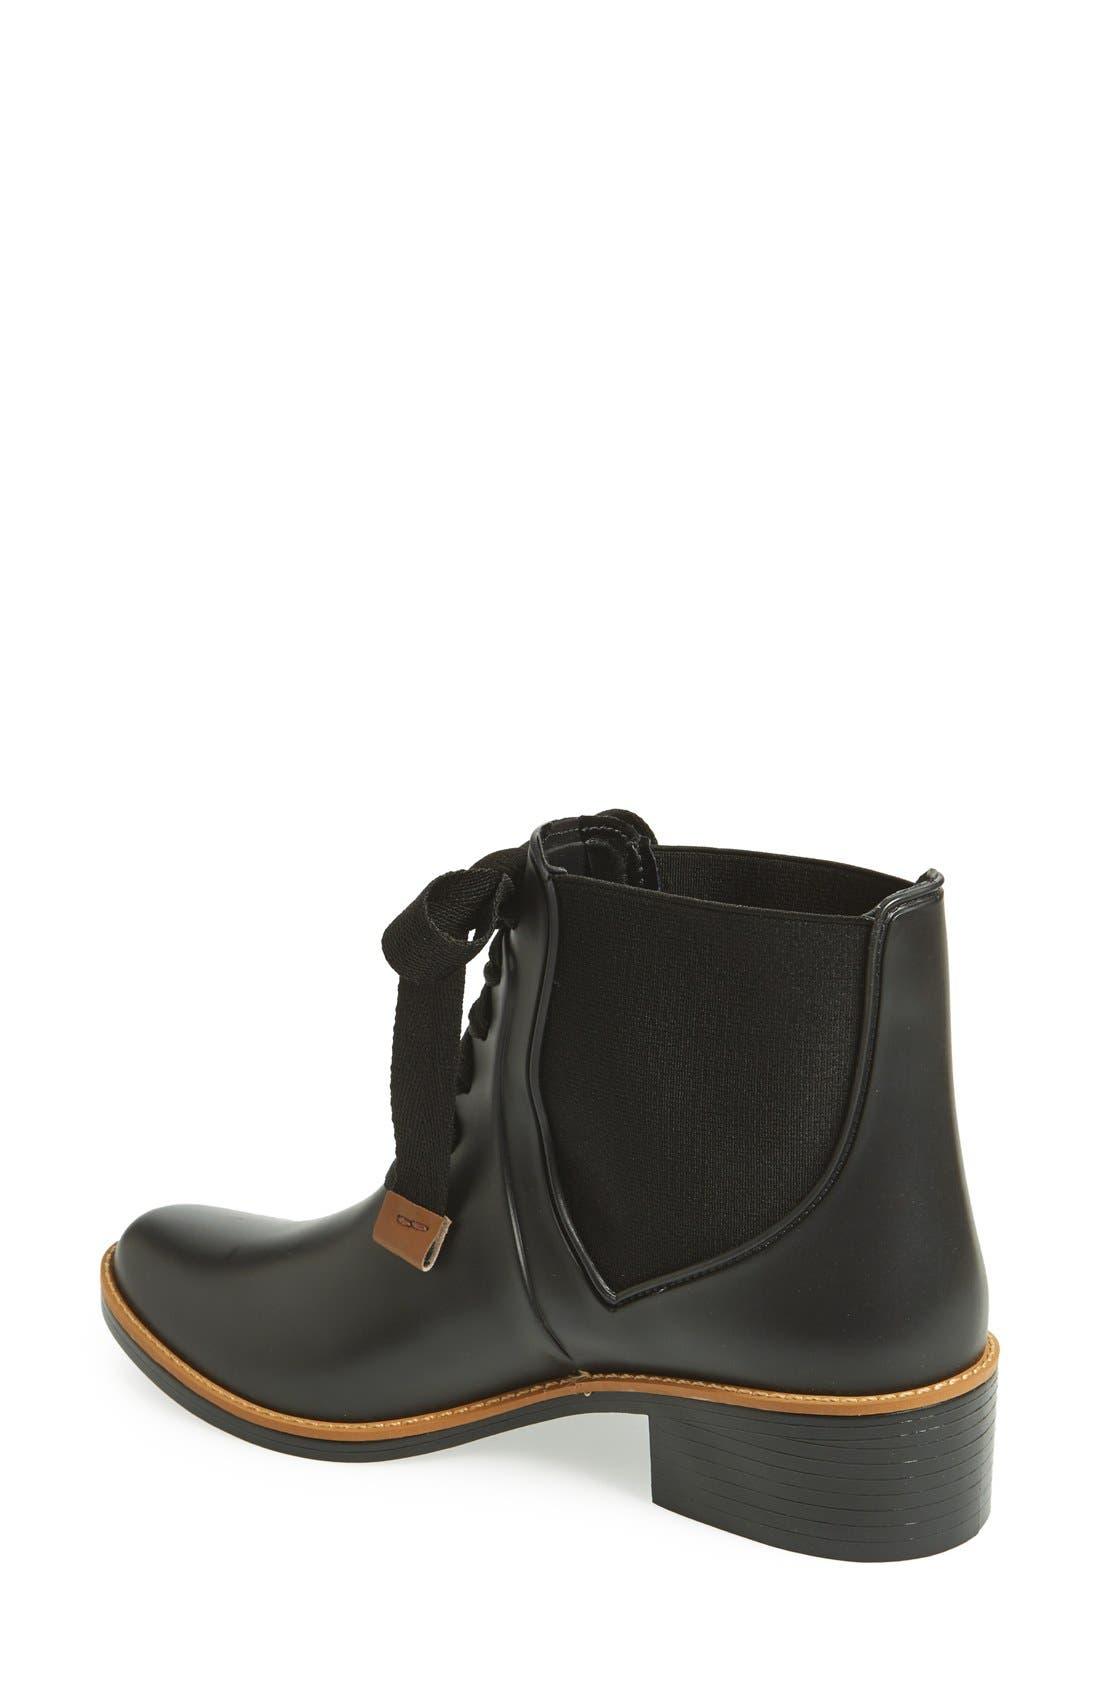 BERNARDO, Lacey Short Waterproof Rain Boot, Alternate thumbnail 4, color, 001